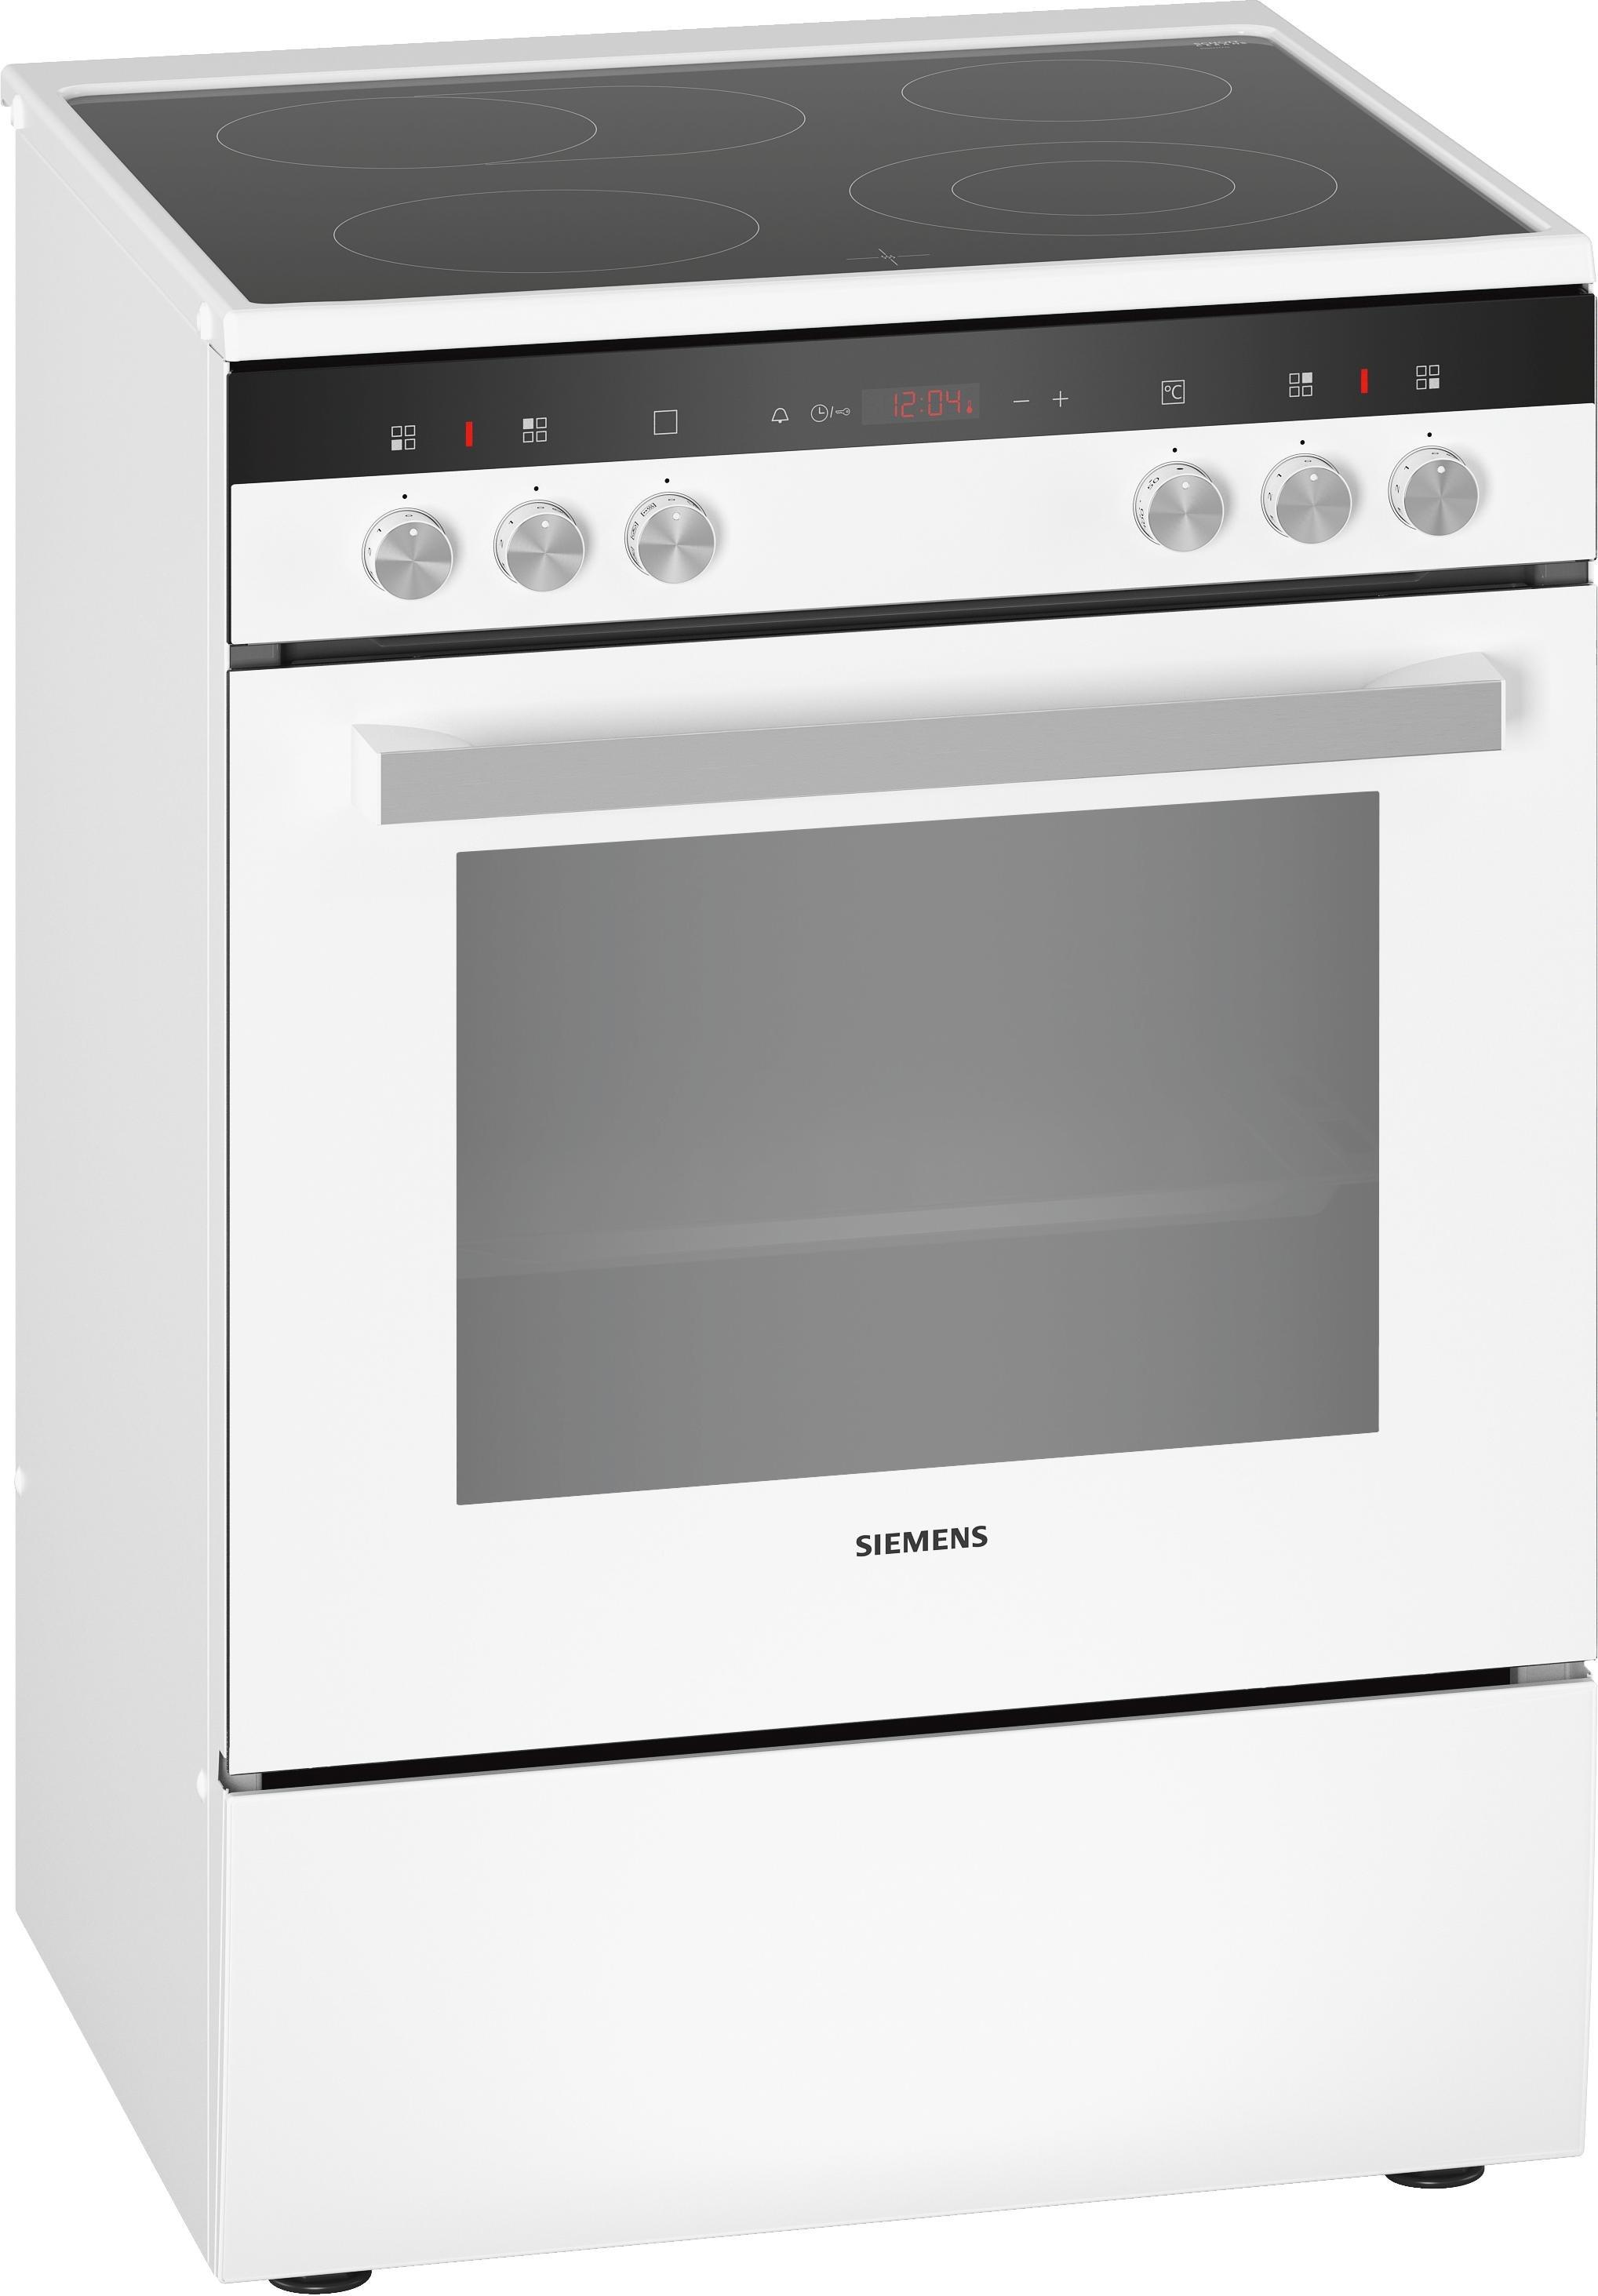 Siemens keramisch fornuis HK9R3A220 wit